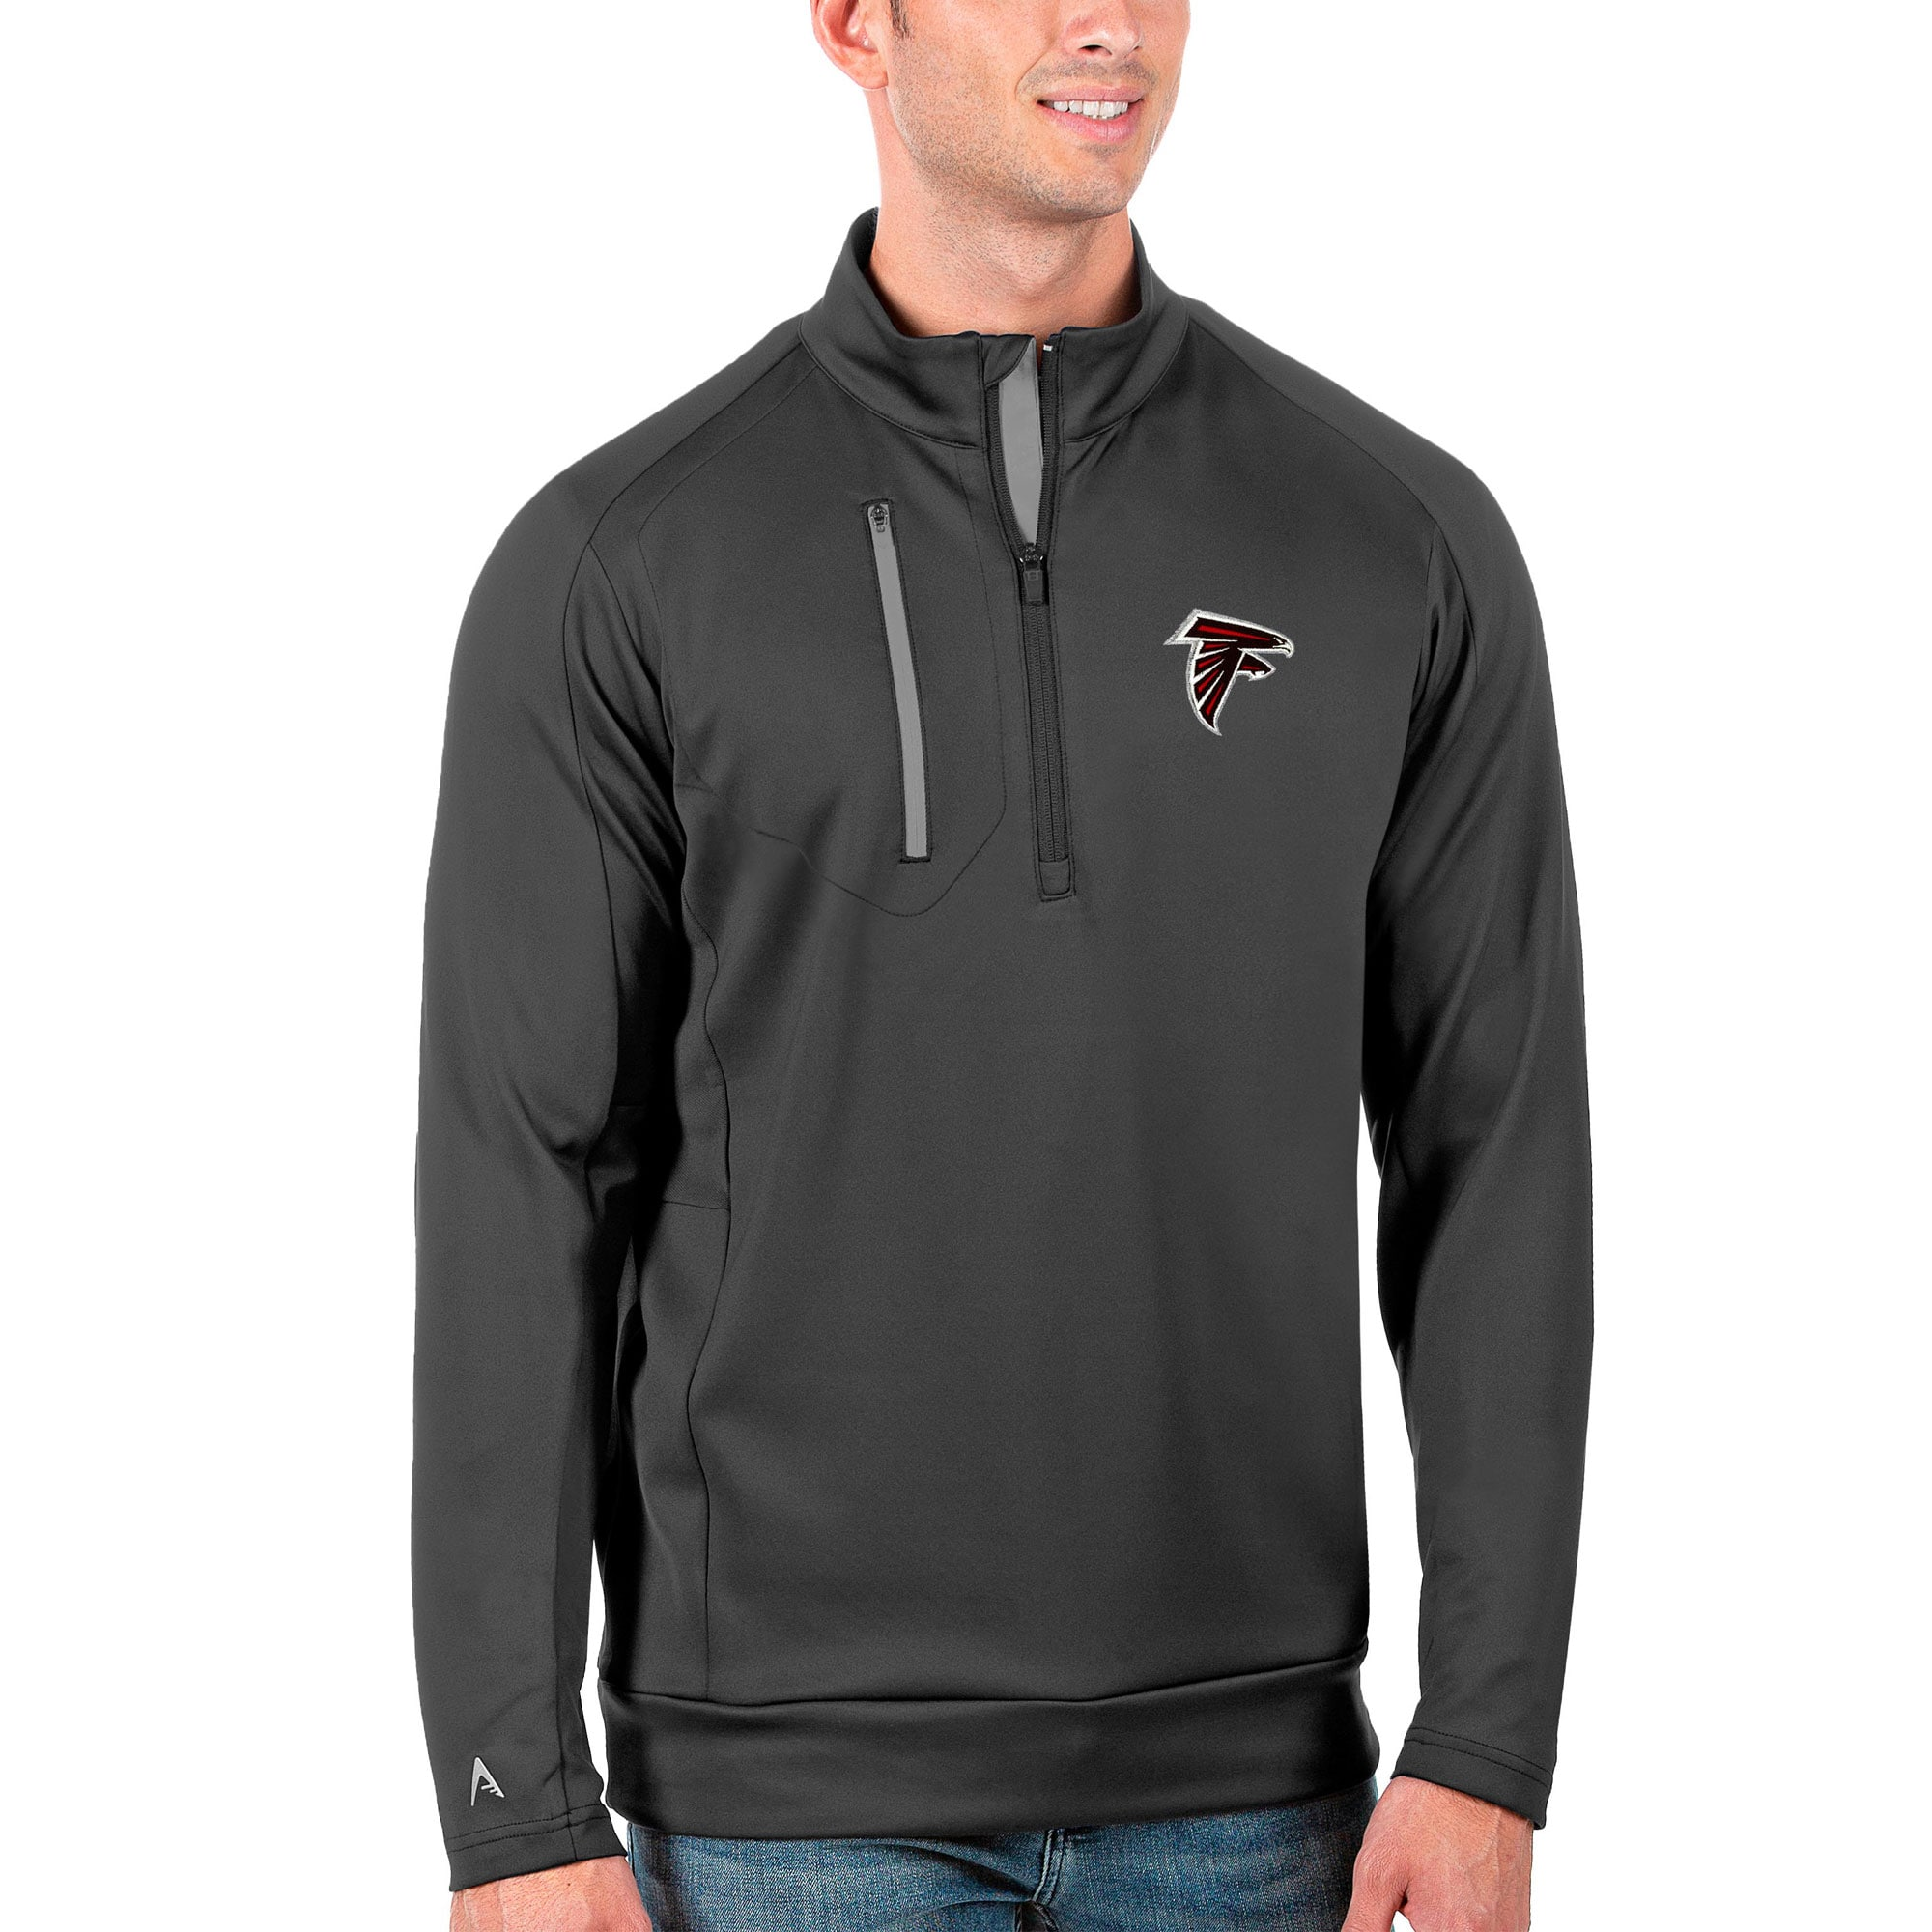 Atlanta Falcons Antigua Generation Quarter-Zip Pullover Jacket - Charcoal/Silver